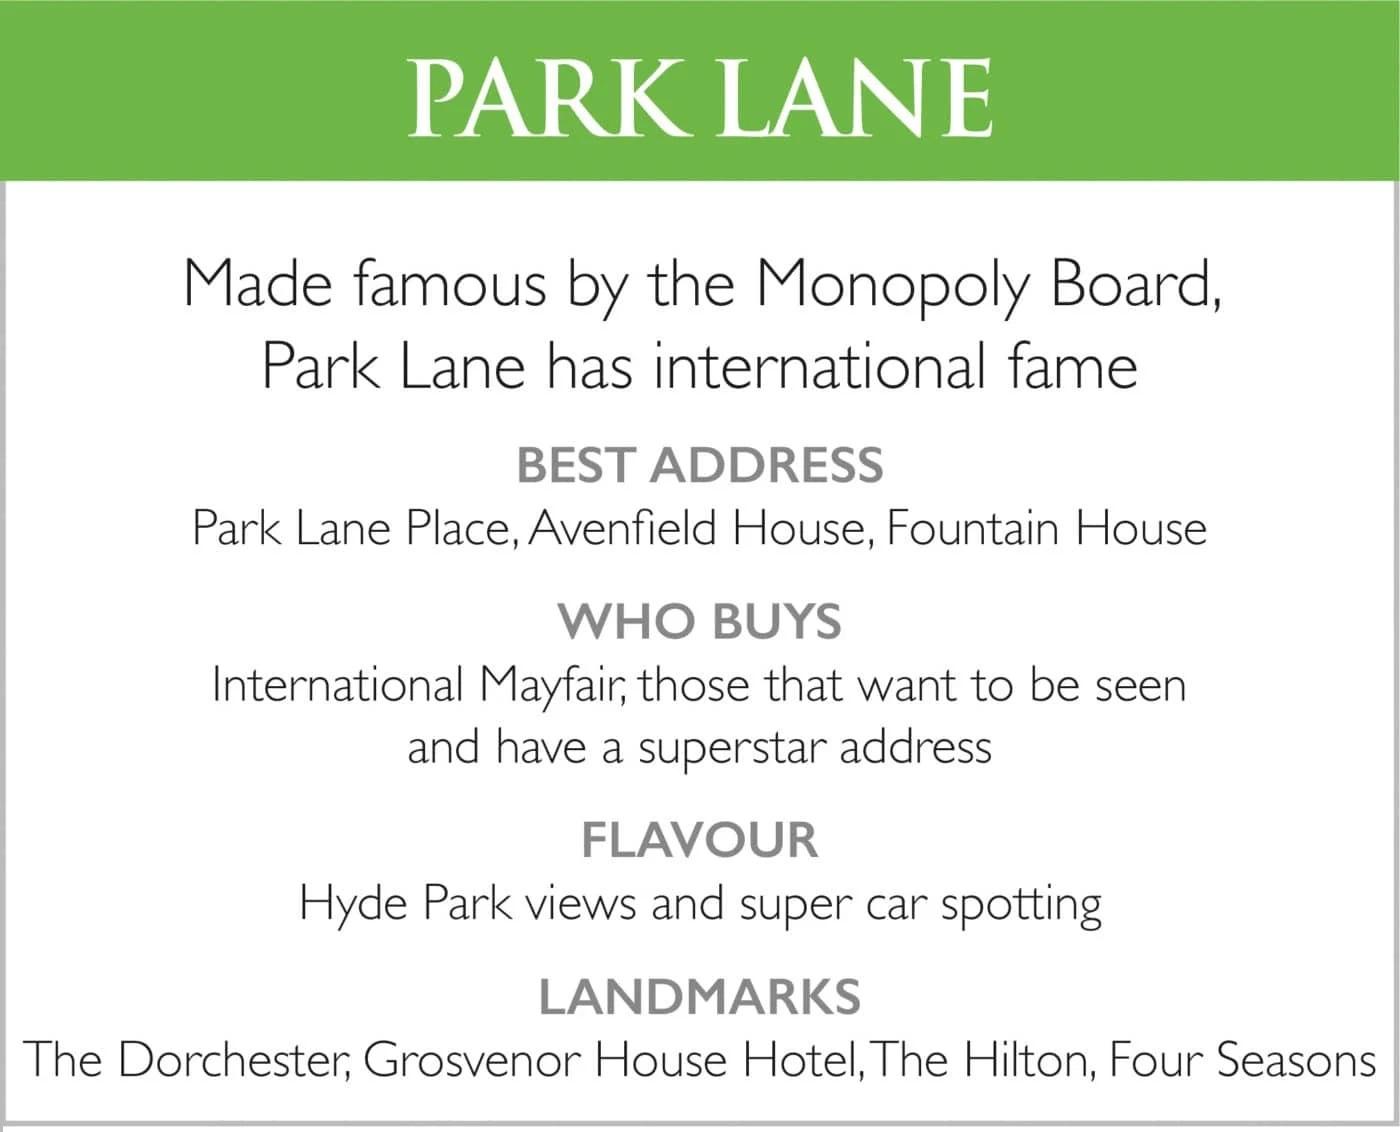 Park Lane List of Features